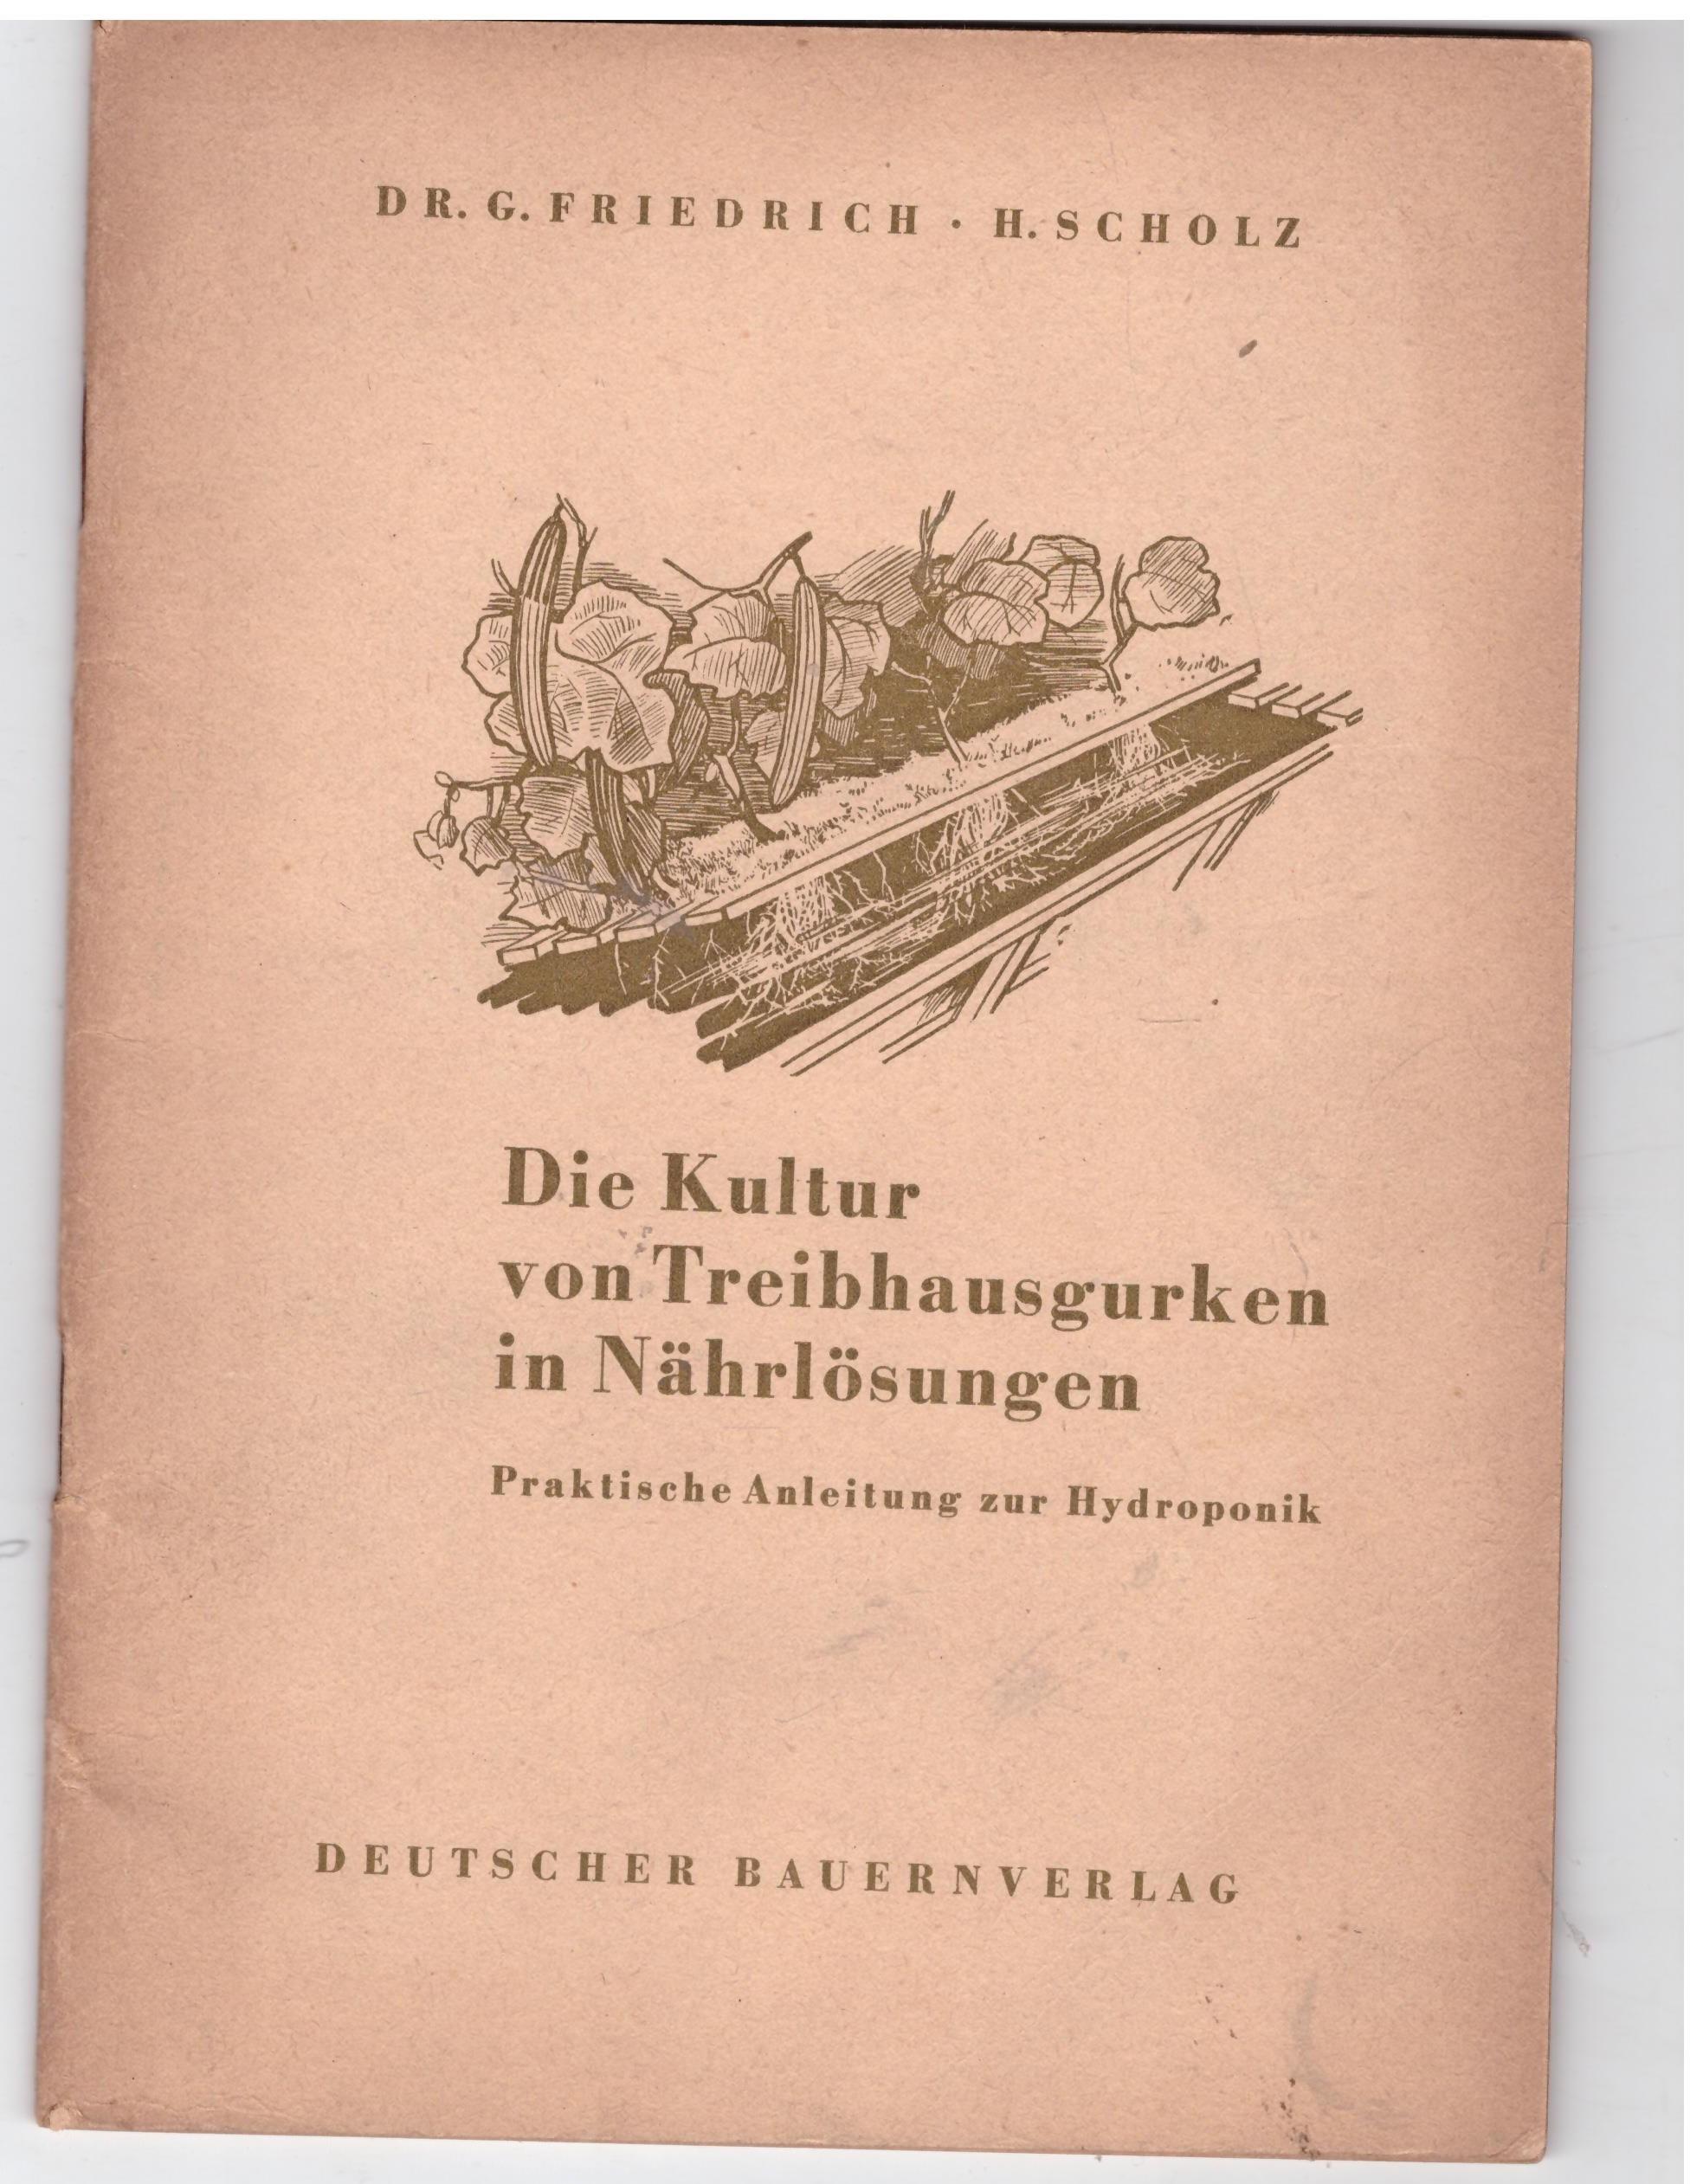 Die Kultur der Treibhausgurken in Nährlösungen. Praktische: Friedrich / Scholz